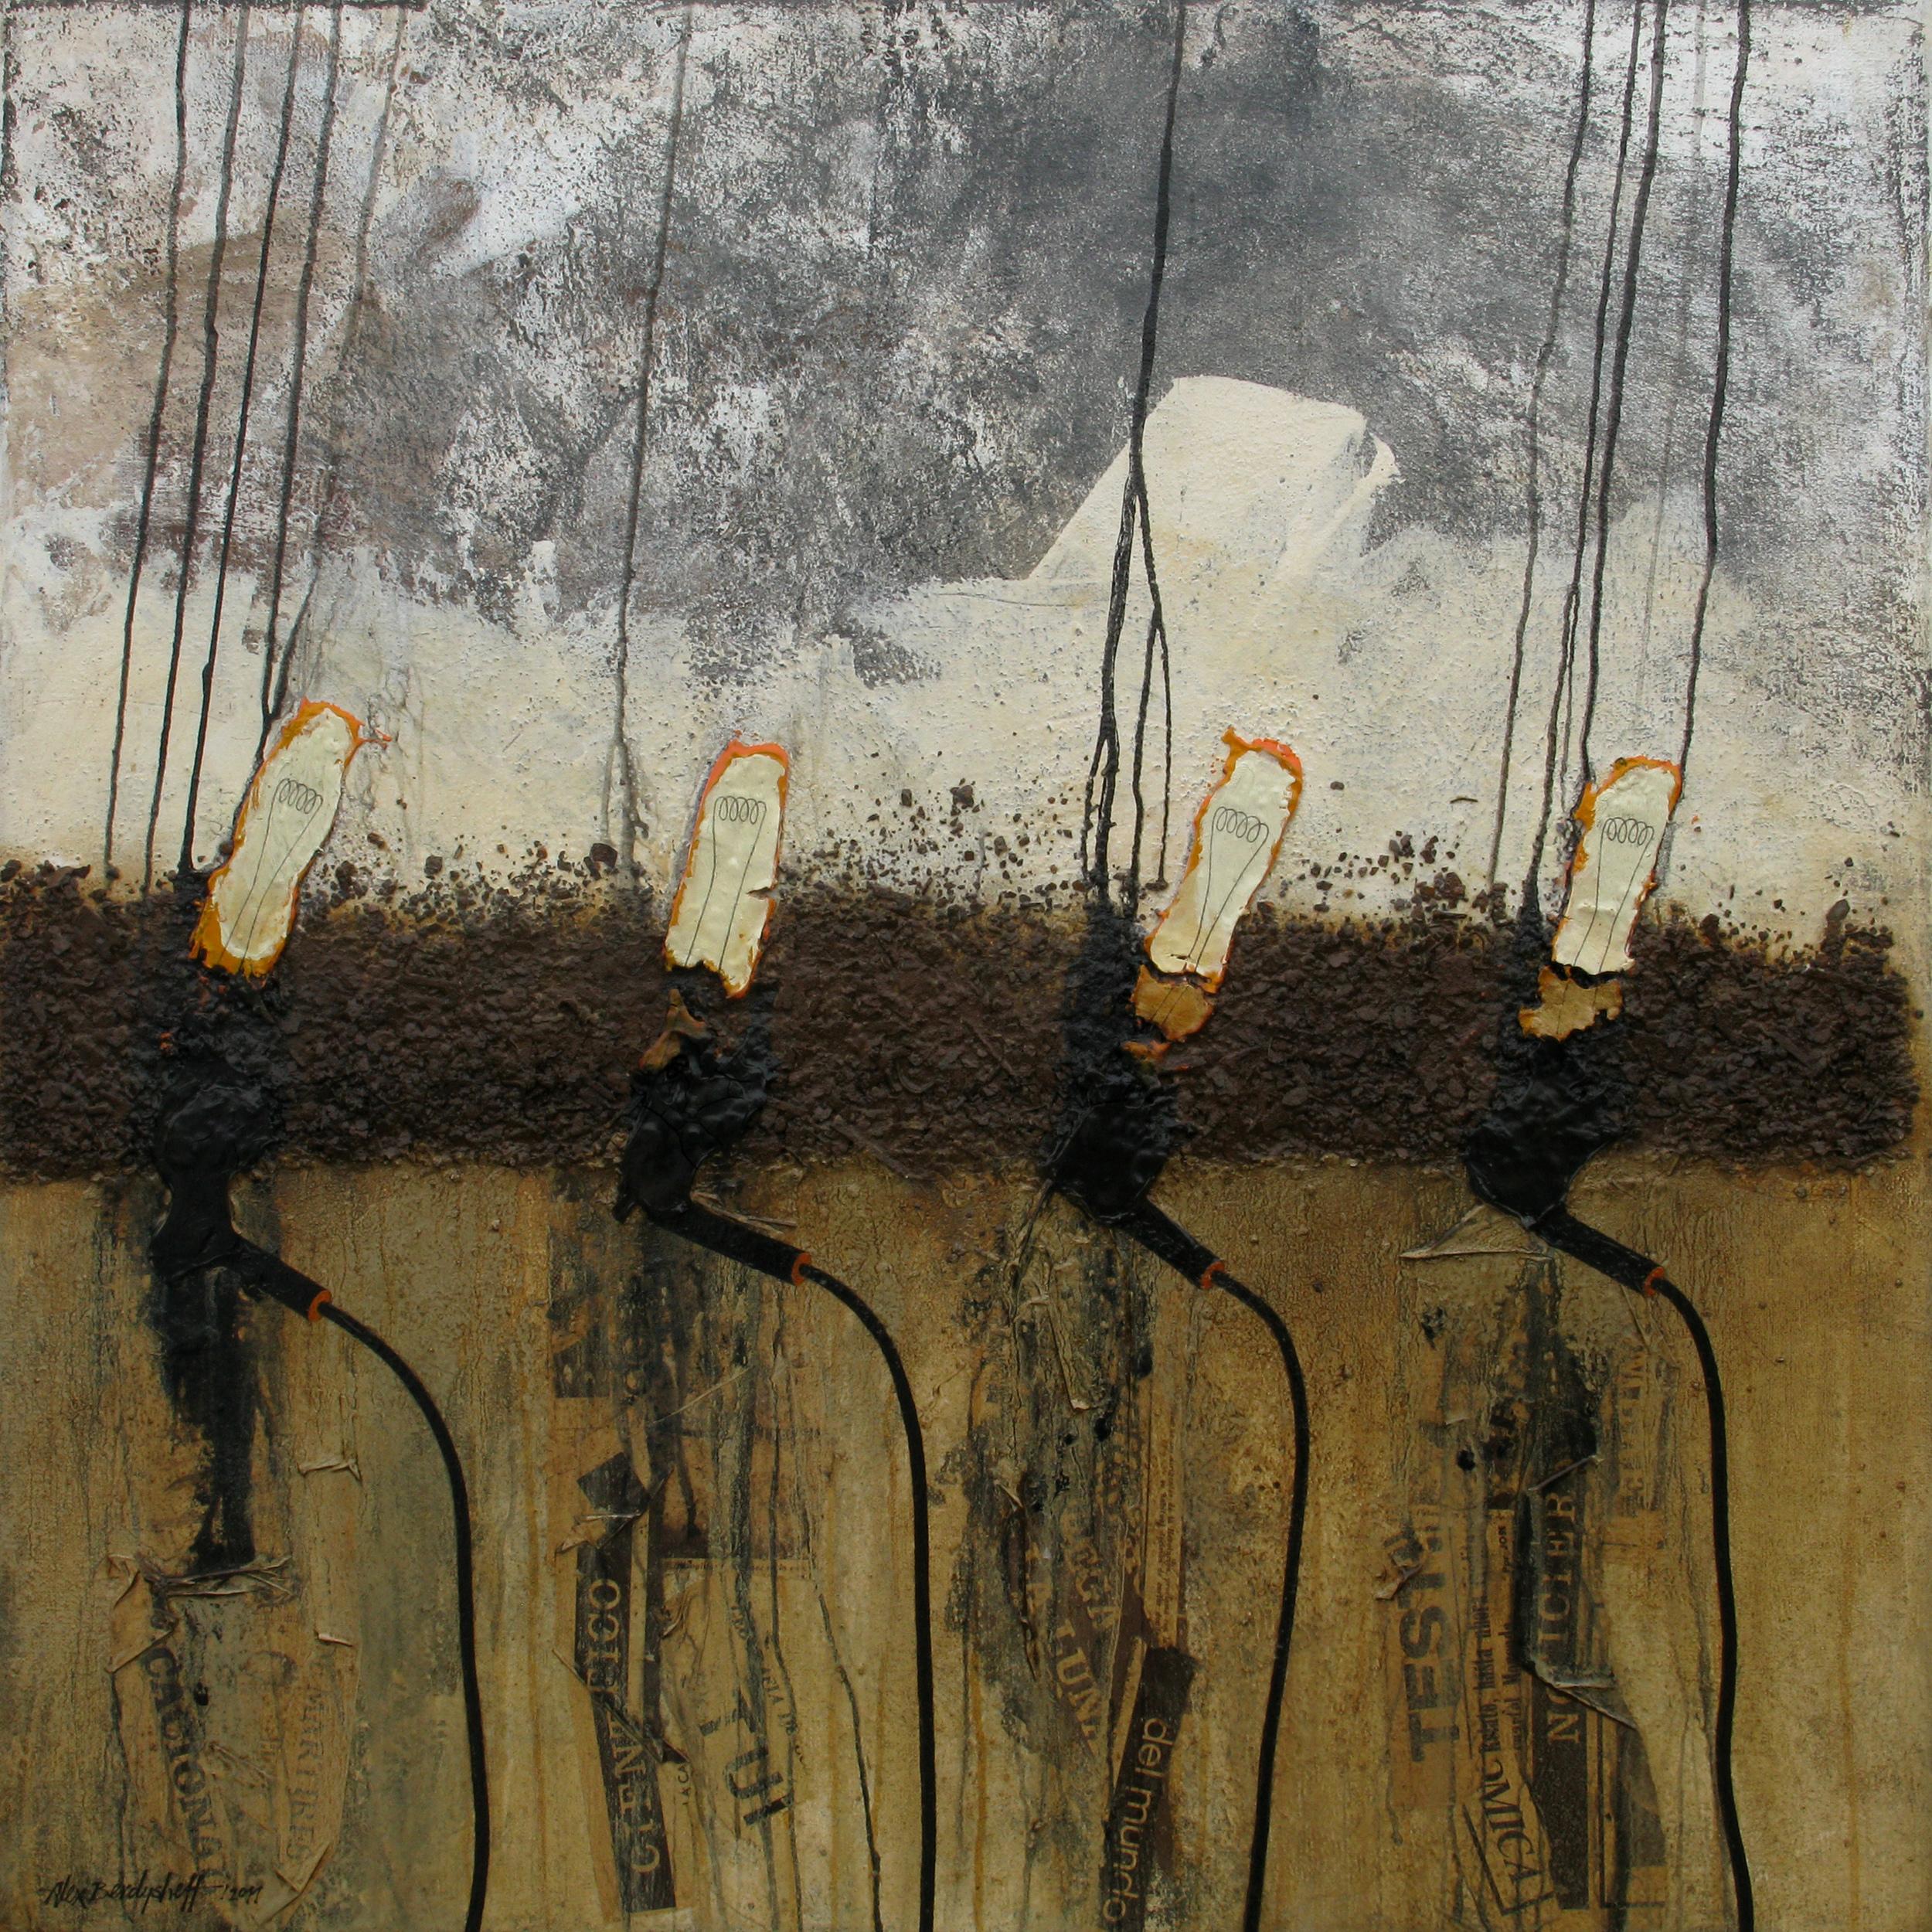 Light Bulbs, oil on canvas, 85x85 cm, 2011